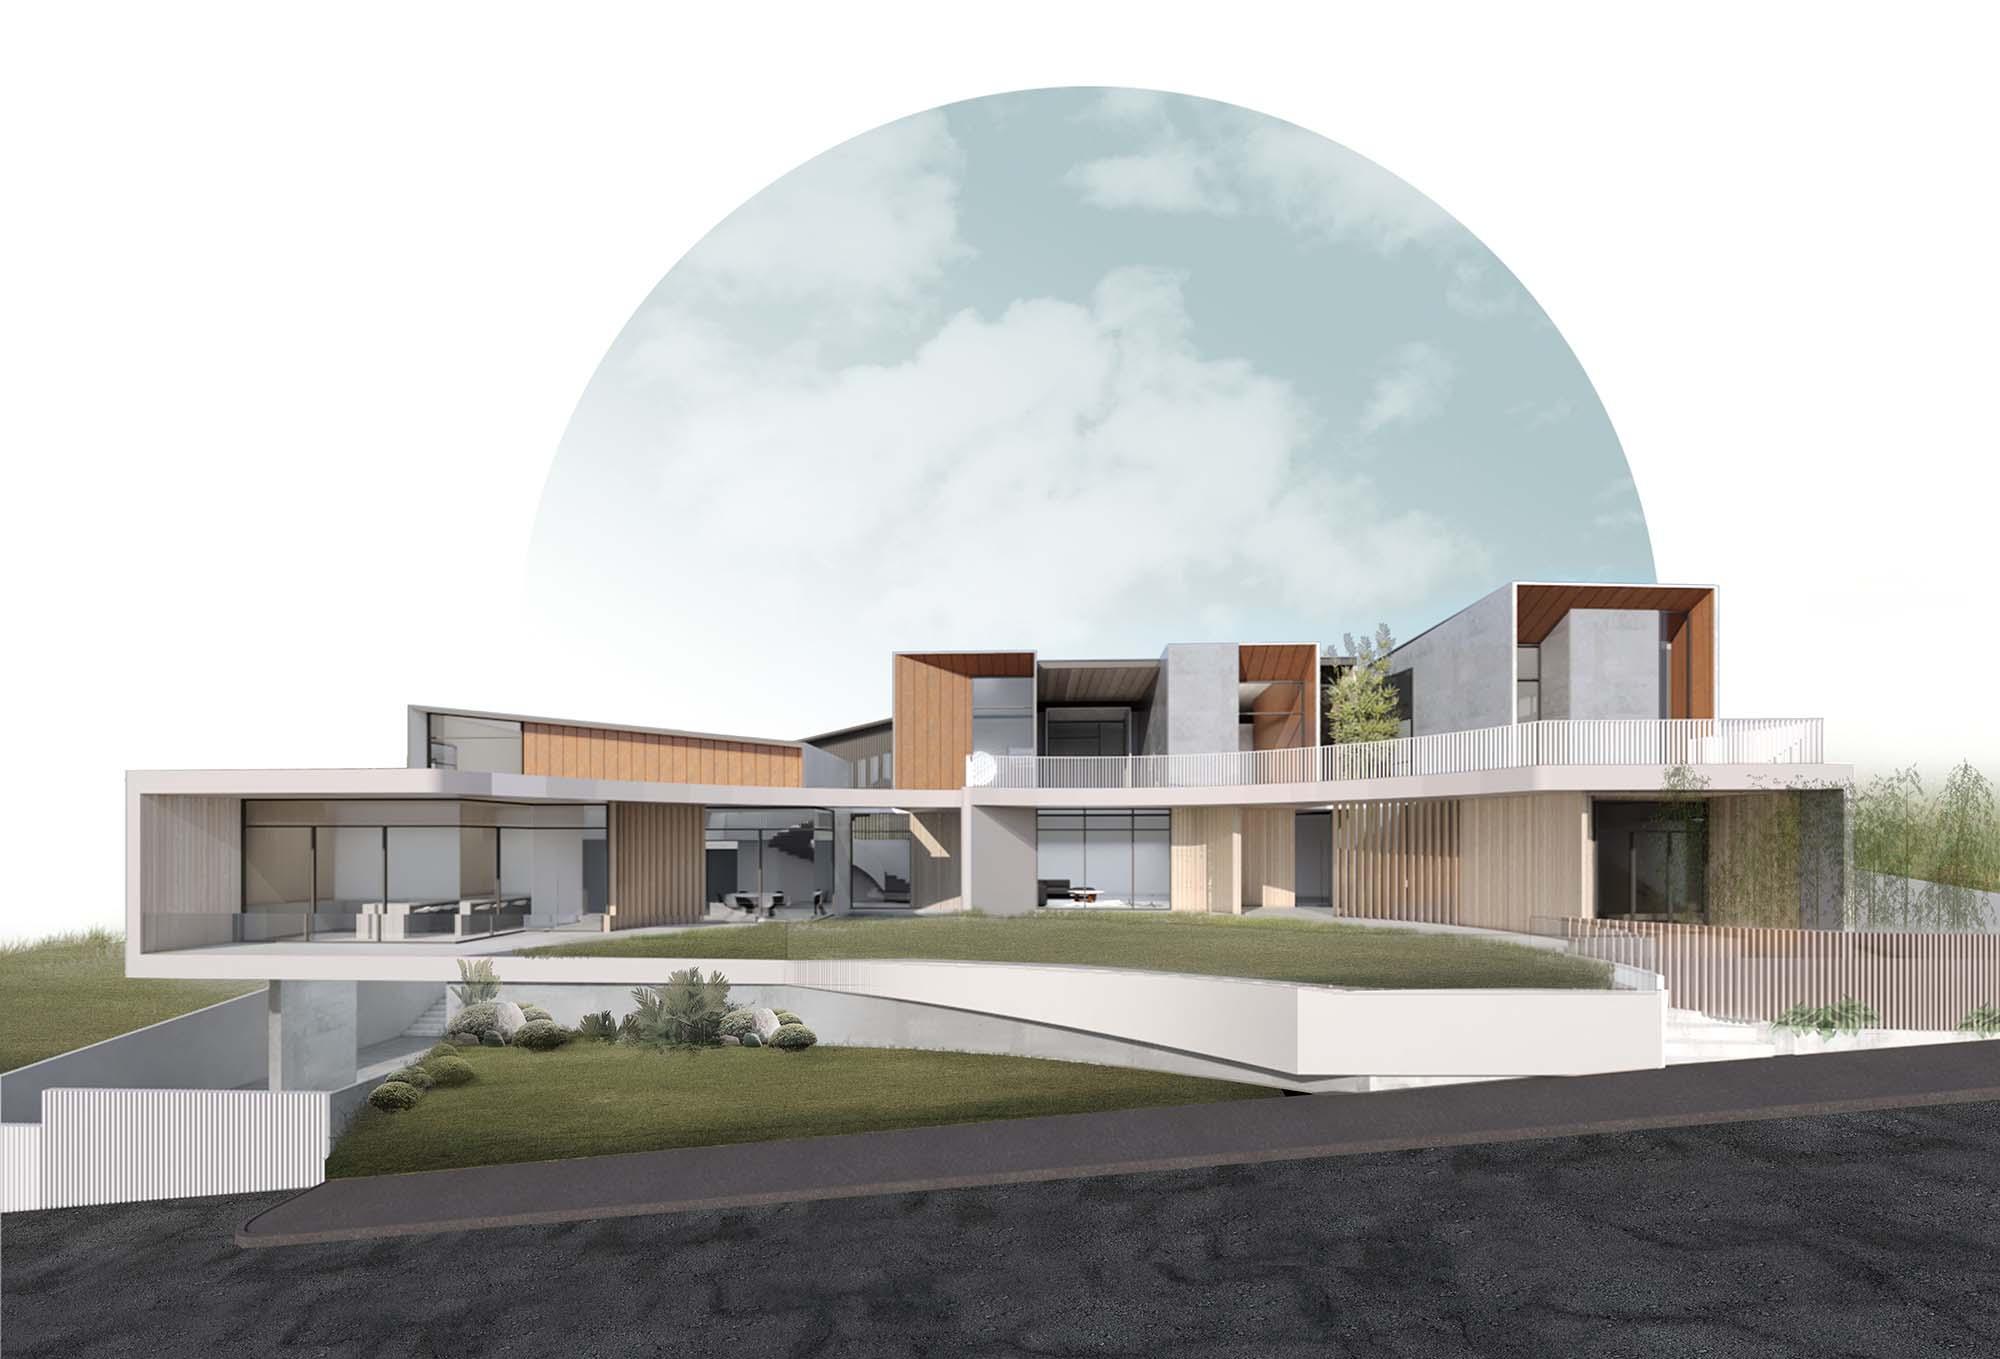 Zubu Design Associates